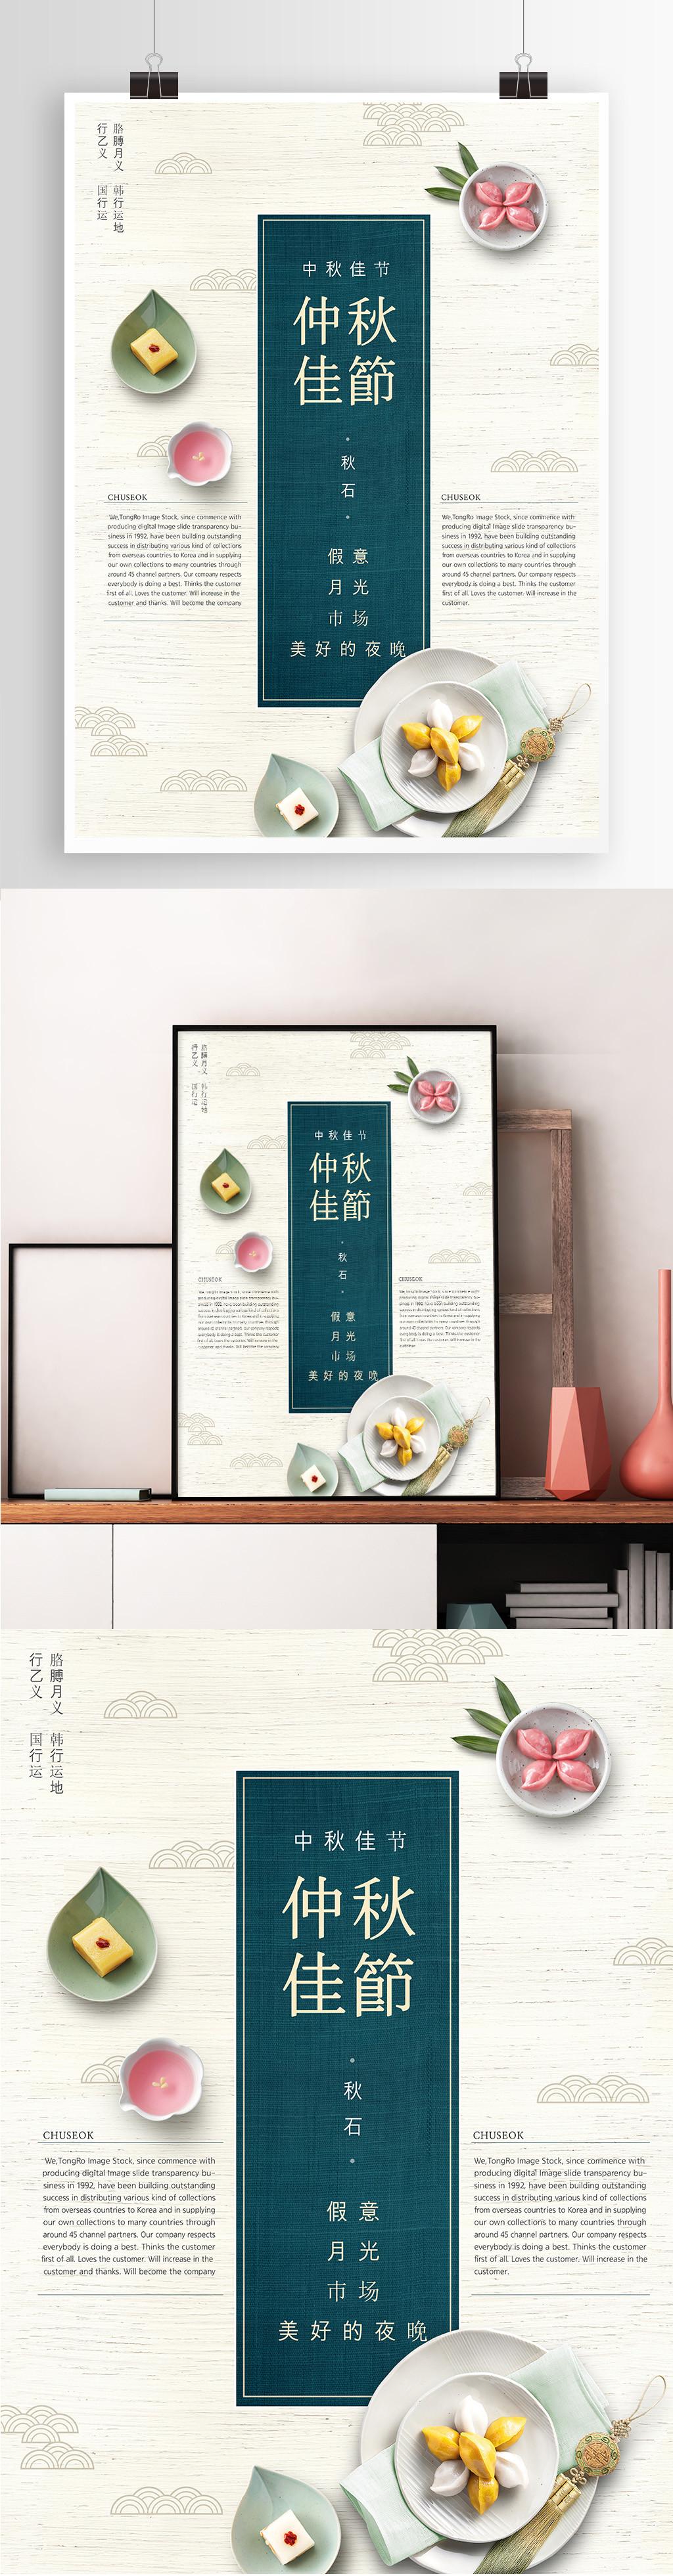 高端中国风简约云纹中秋节吃饺子海报psd